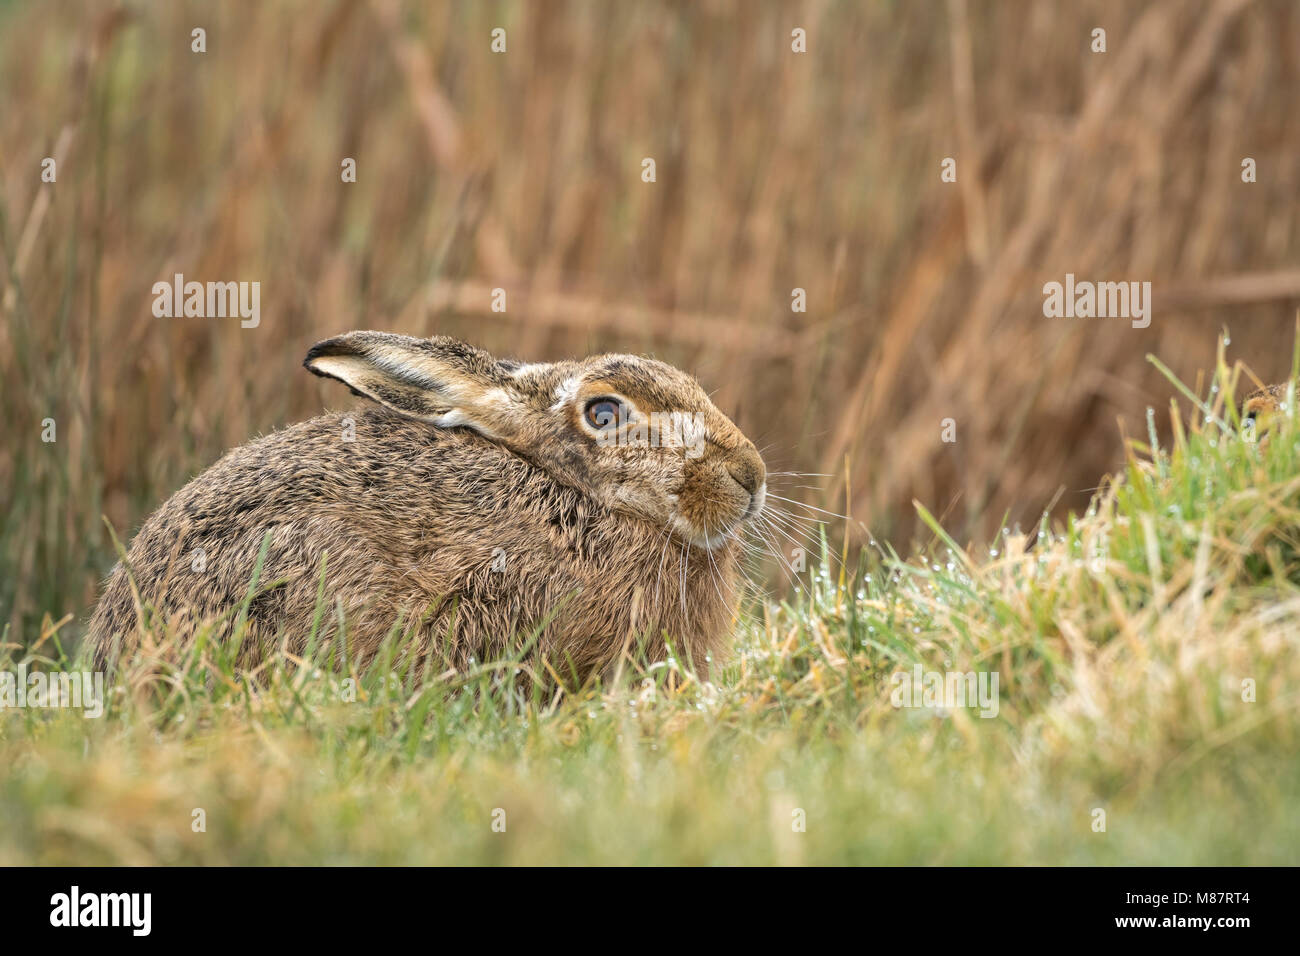 Europäische Feldhase, Lepus europaeus, Anfang März auf rauen Suffolk Weideland Stockbild